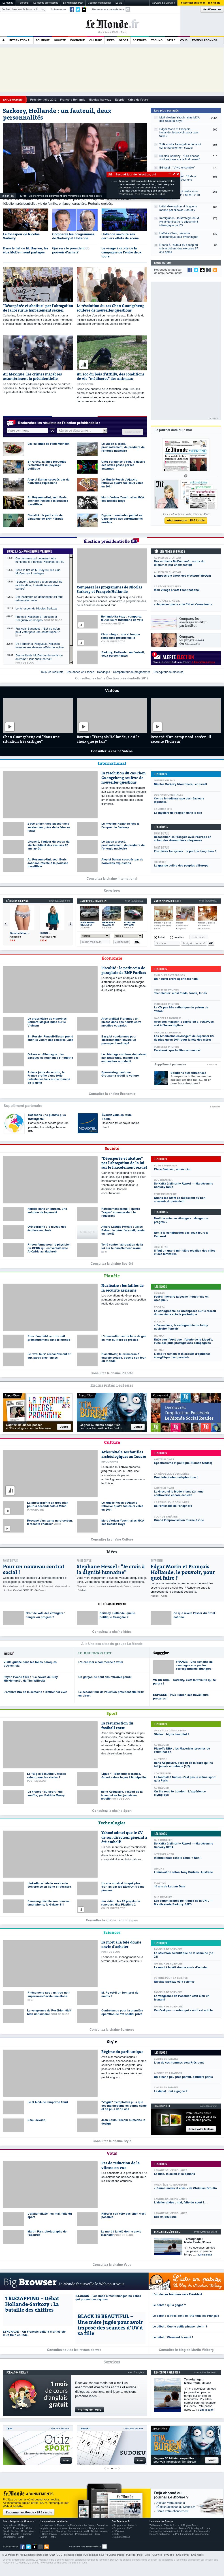 Le Monde at Saturday May 5, 2012, 11:07 a.m. UTC